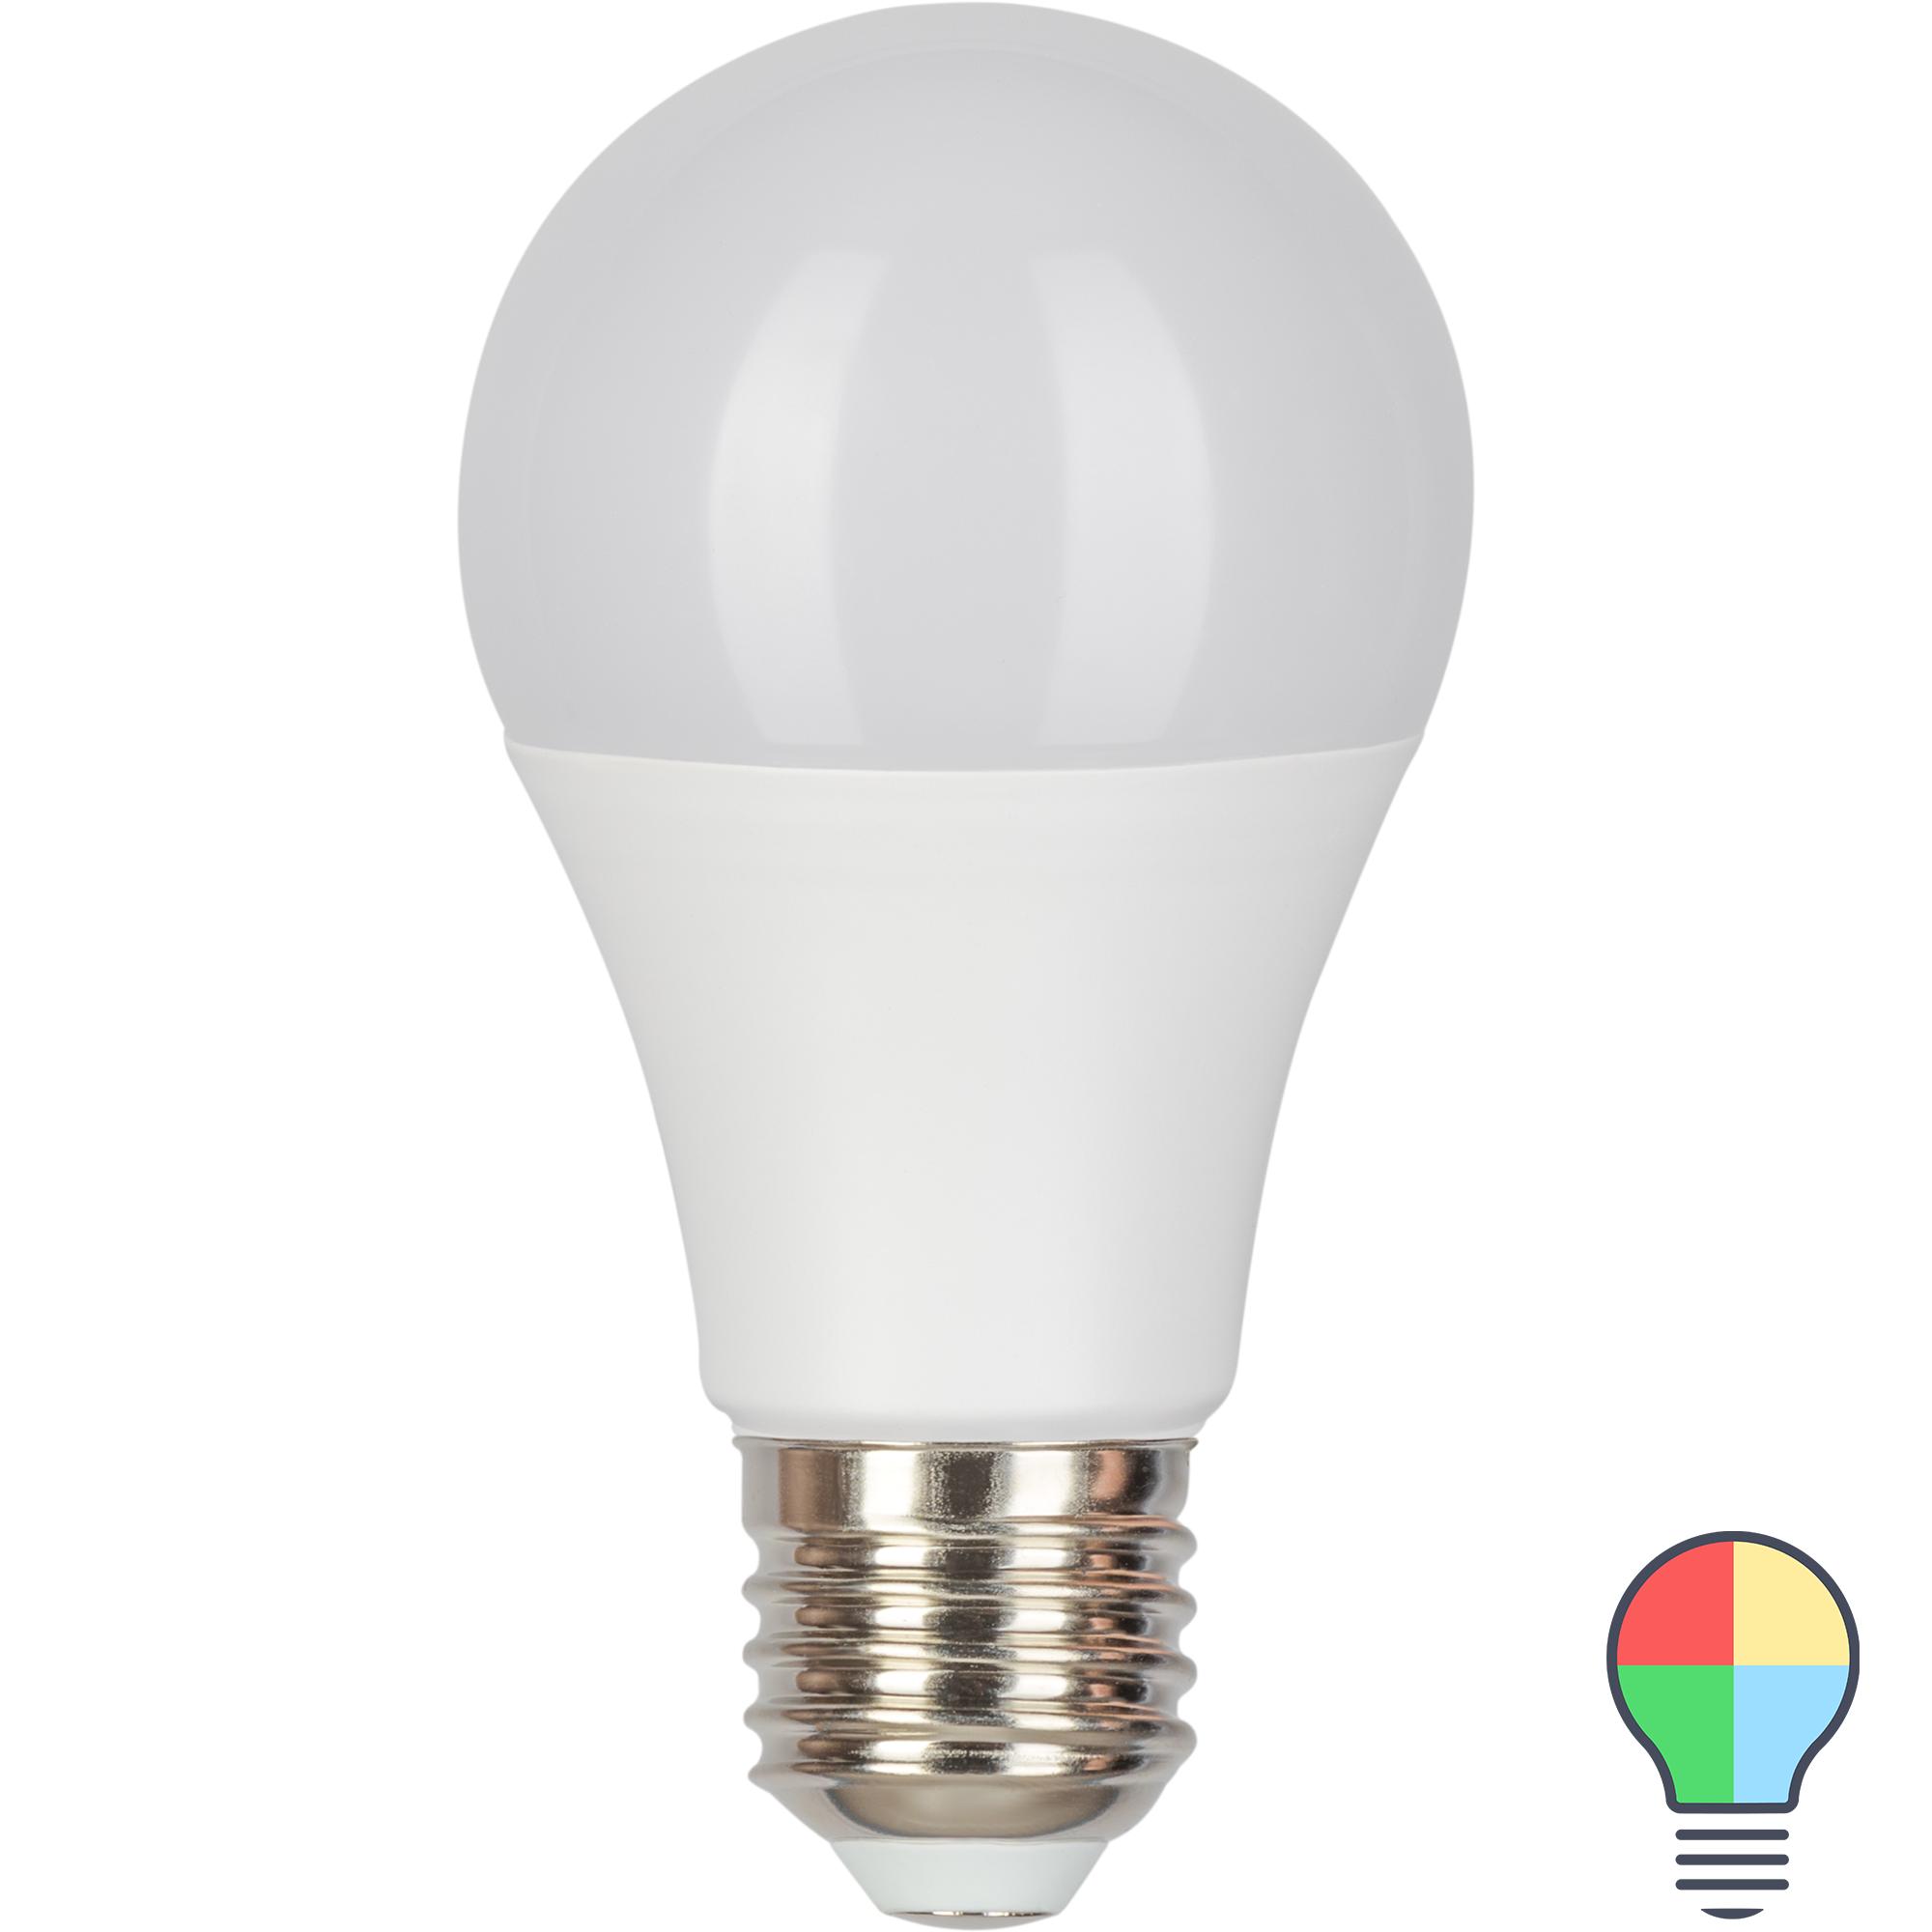 Лампа светодиодная Gauss E27 220-240 В 10 Вт груша матовая 880 лм регулируемый цвет света RGBW